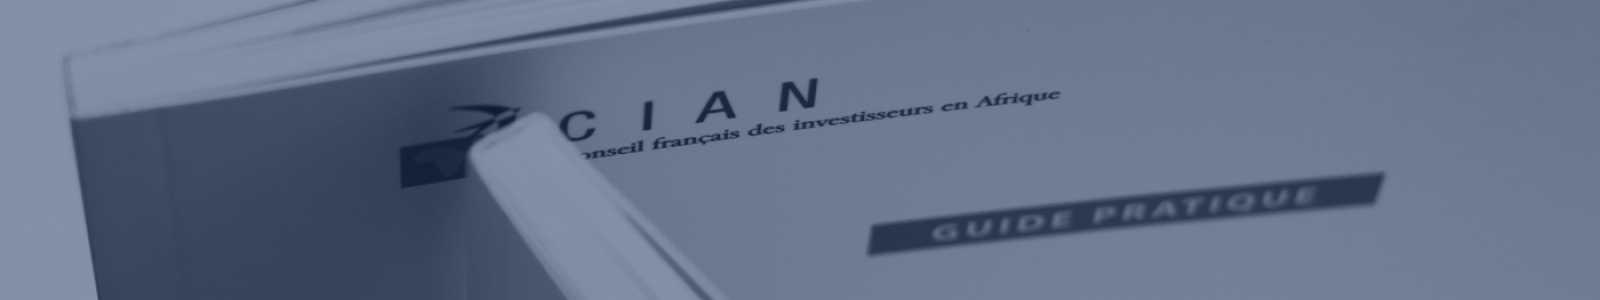 Guides Pratiques et Cahiers du CIAN